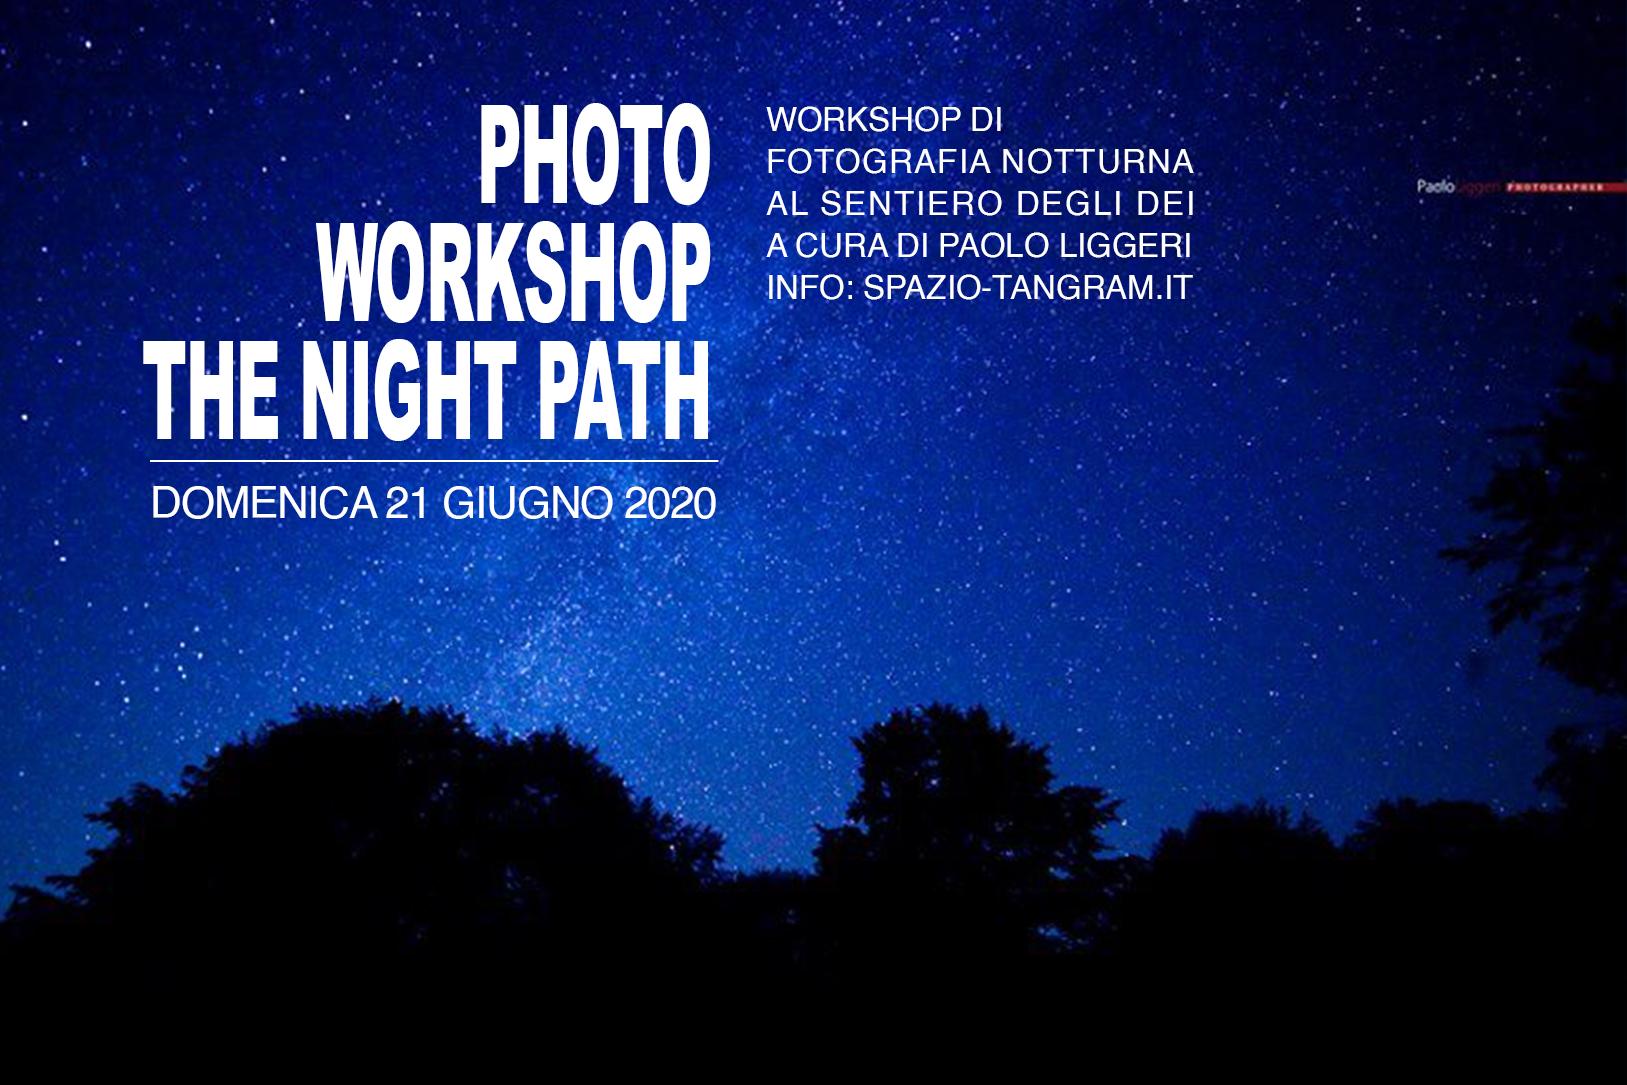 workshop di fotografia notturna